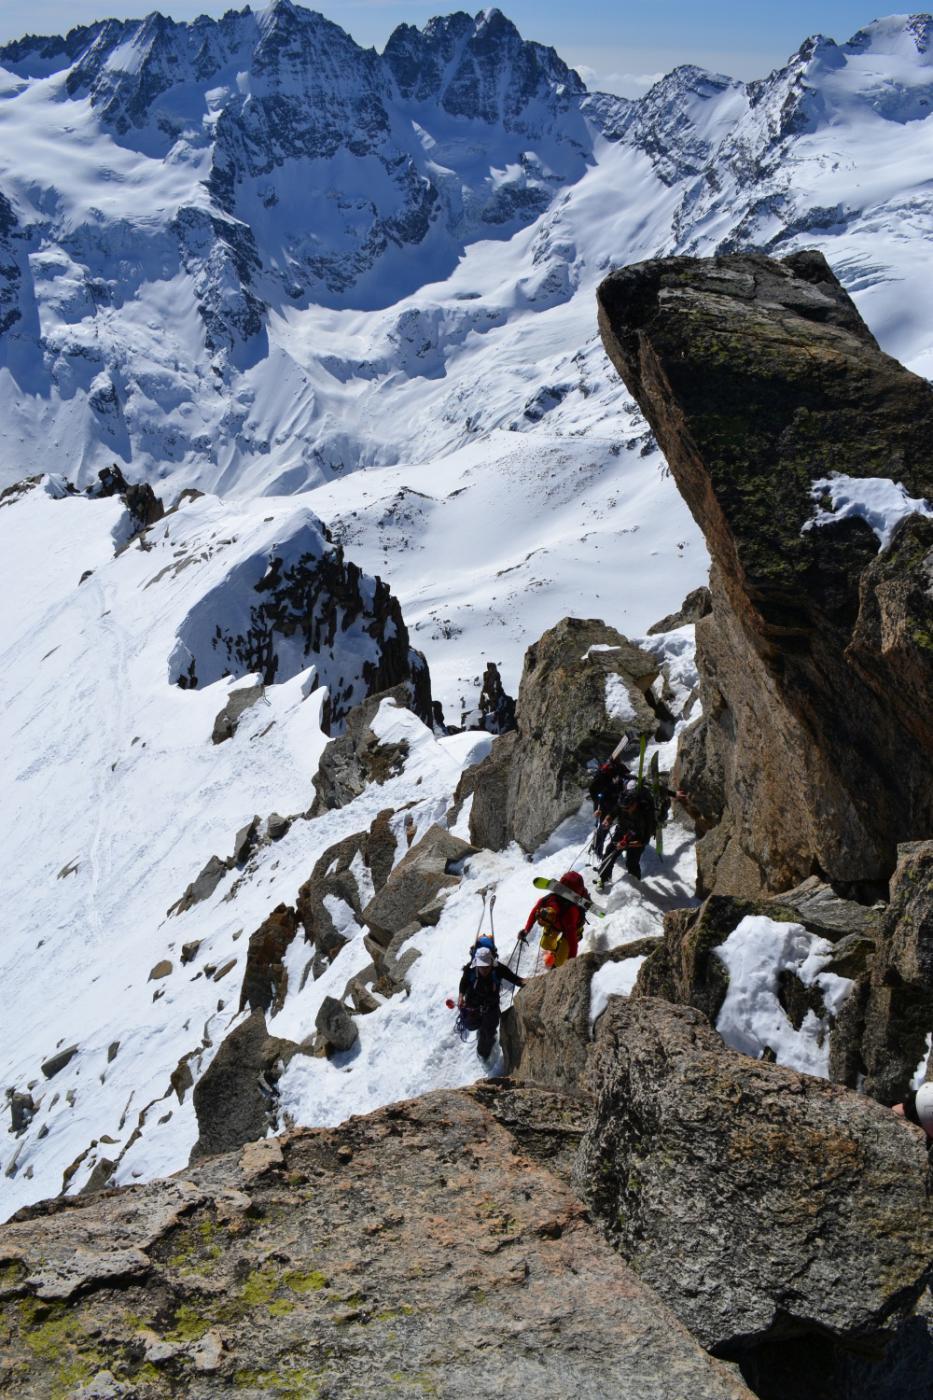 l'ultimo tratto roccioso visto dalla cima